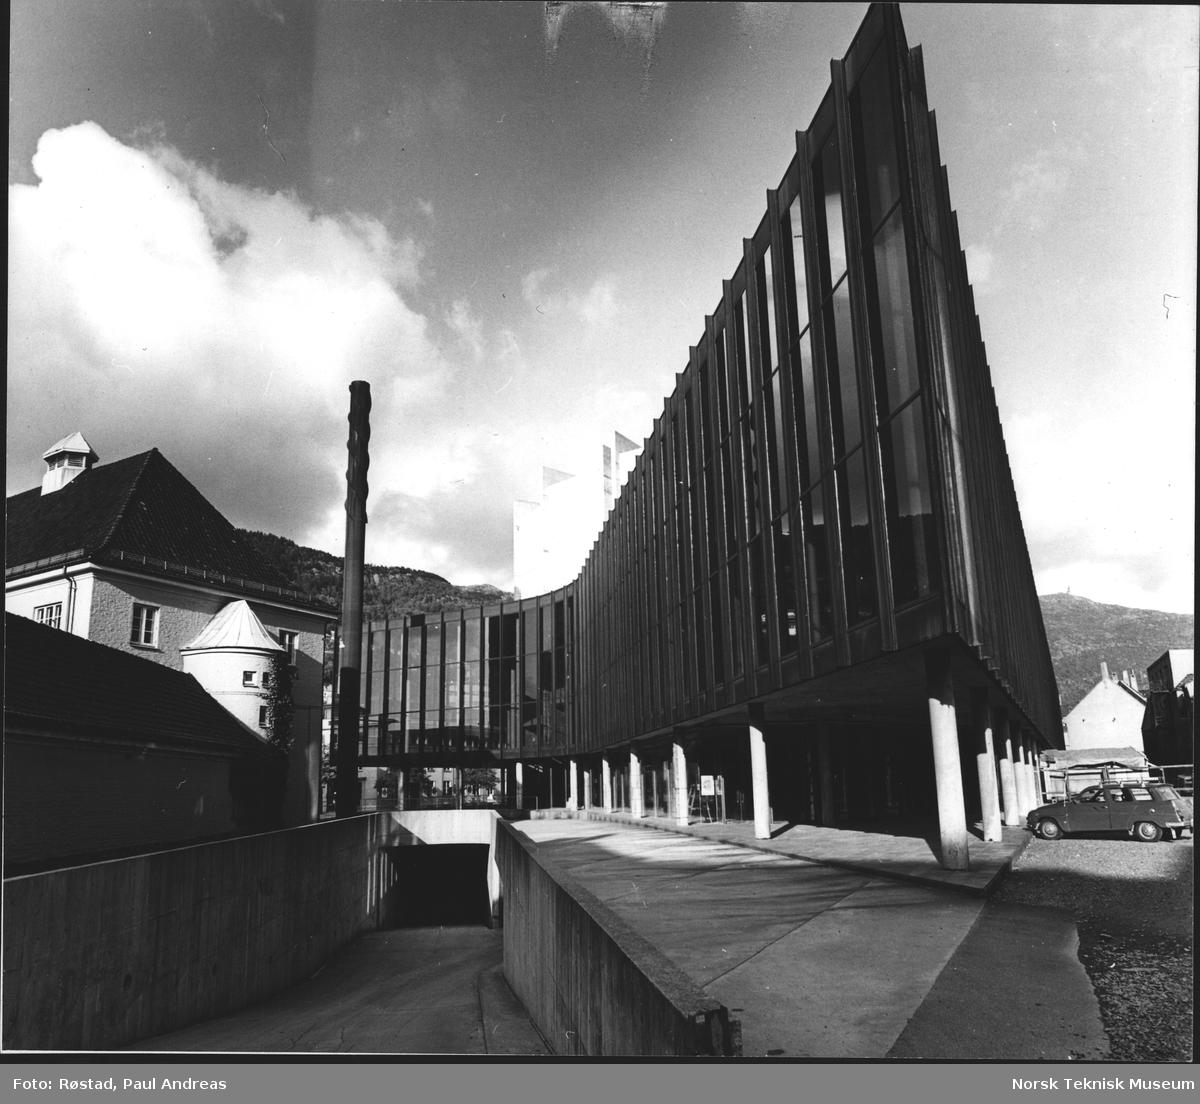 Grieghallen, Bergen